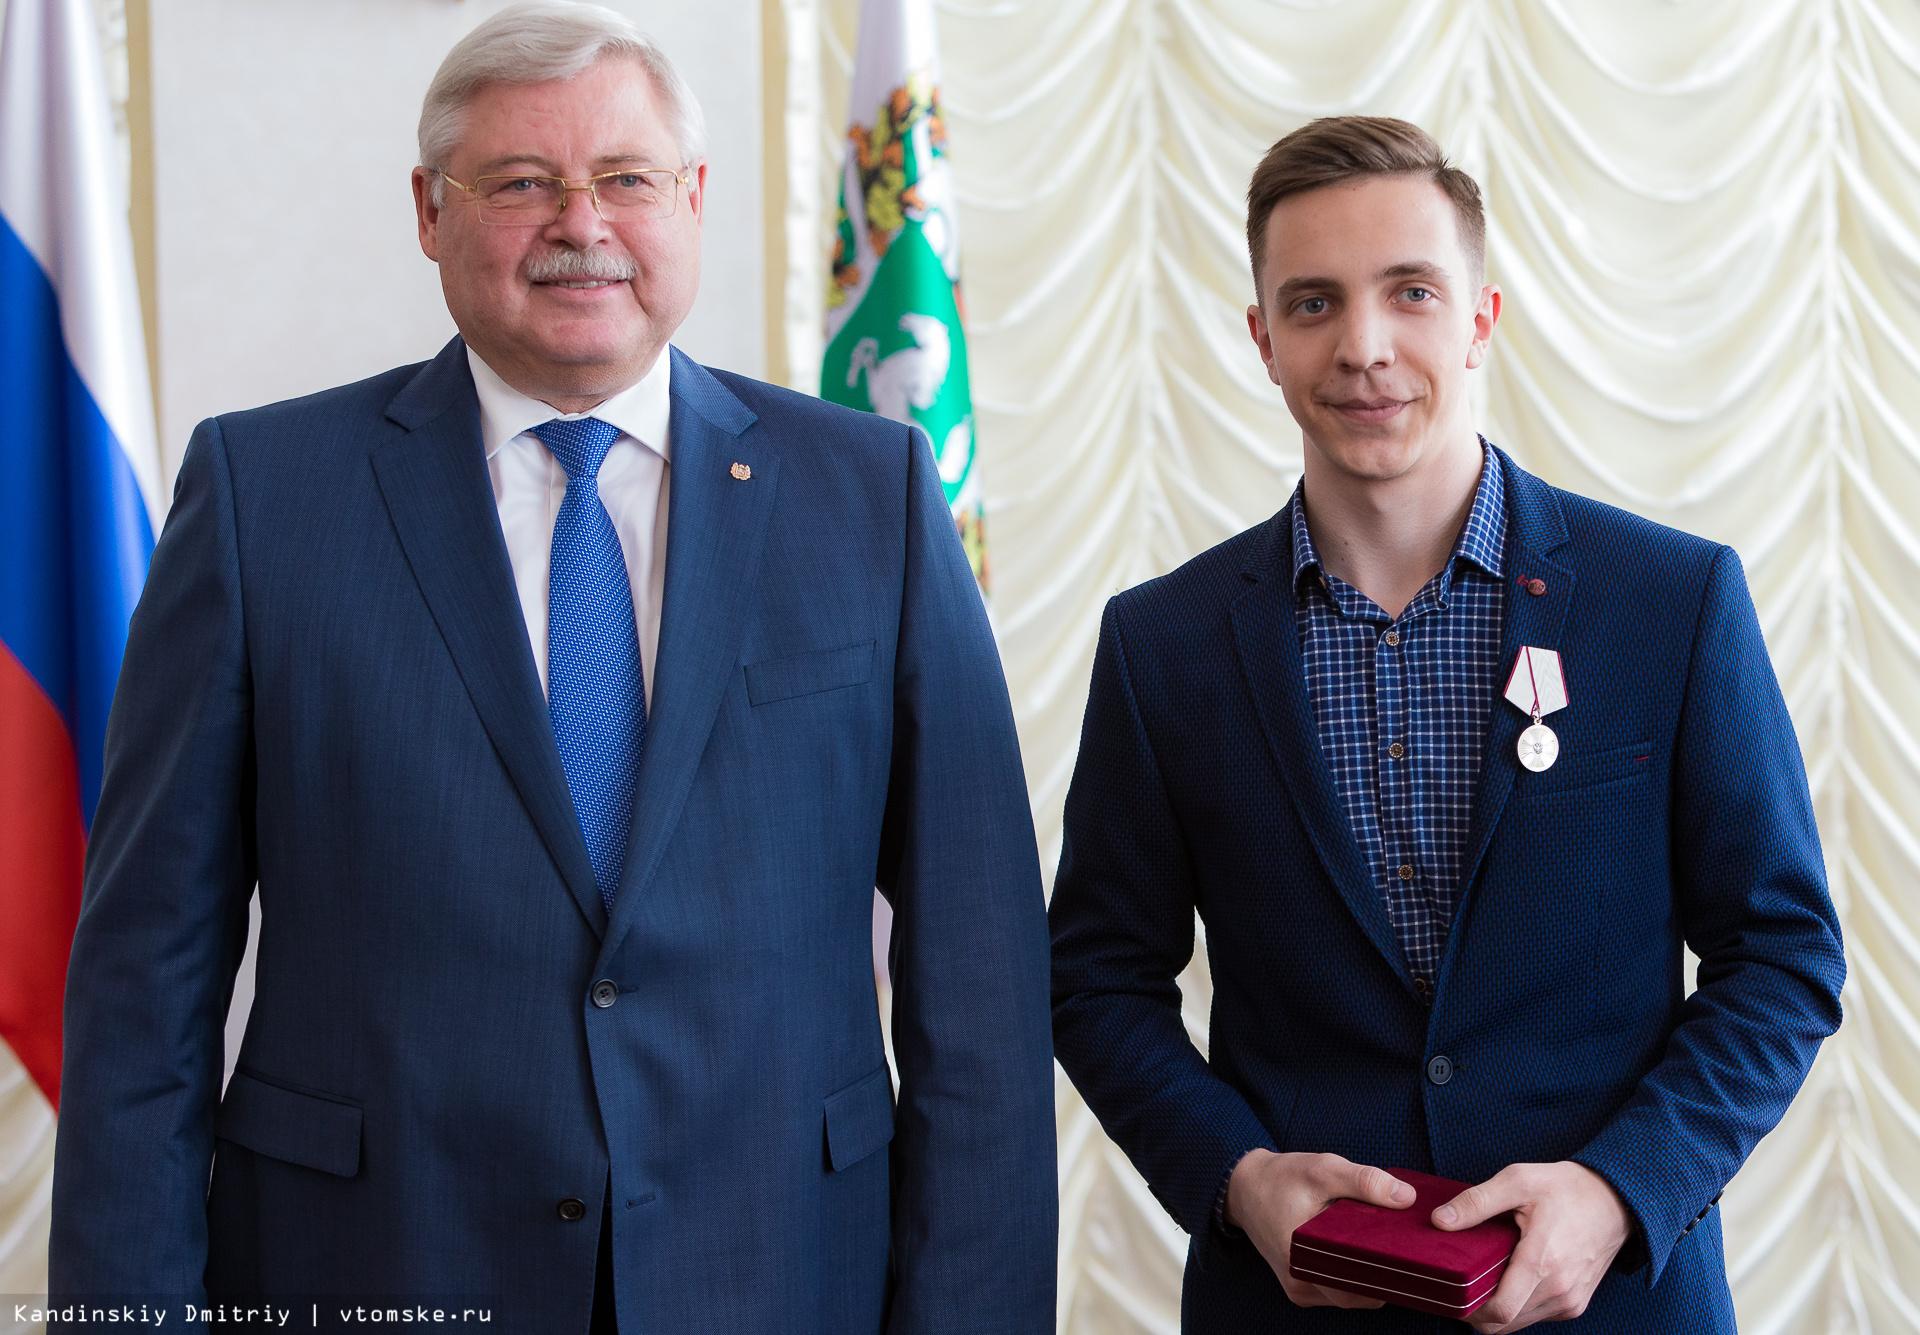 Губернатор вручил госнаграды томичам, спасшим ребенка из горящей квартиры в 2017г